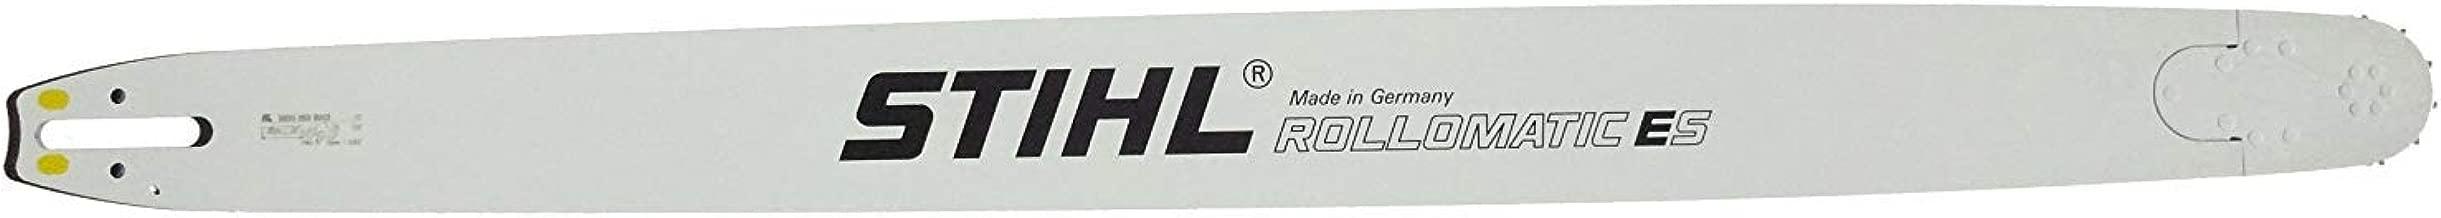 Stihl 3003 000 4030 Rollomatic ES Chain Saw Bar, 25-Inch